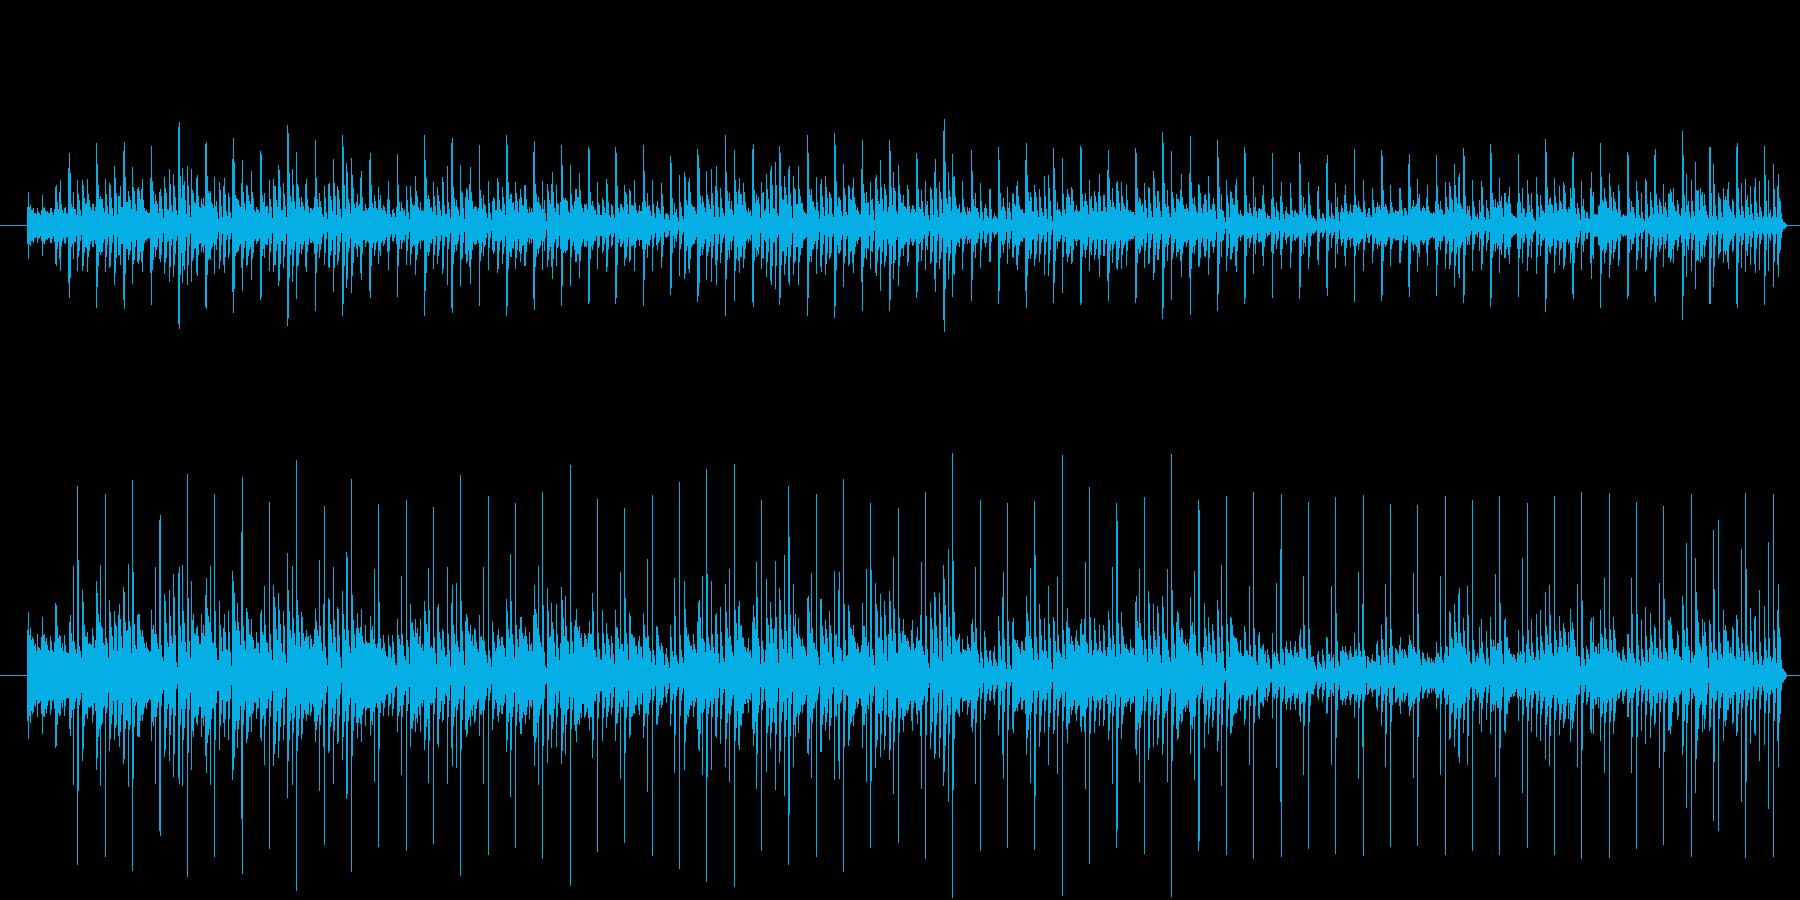 ひなたぼっこミュージックの再生済みの波形